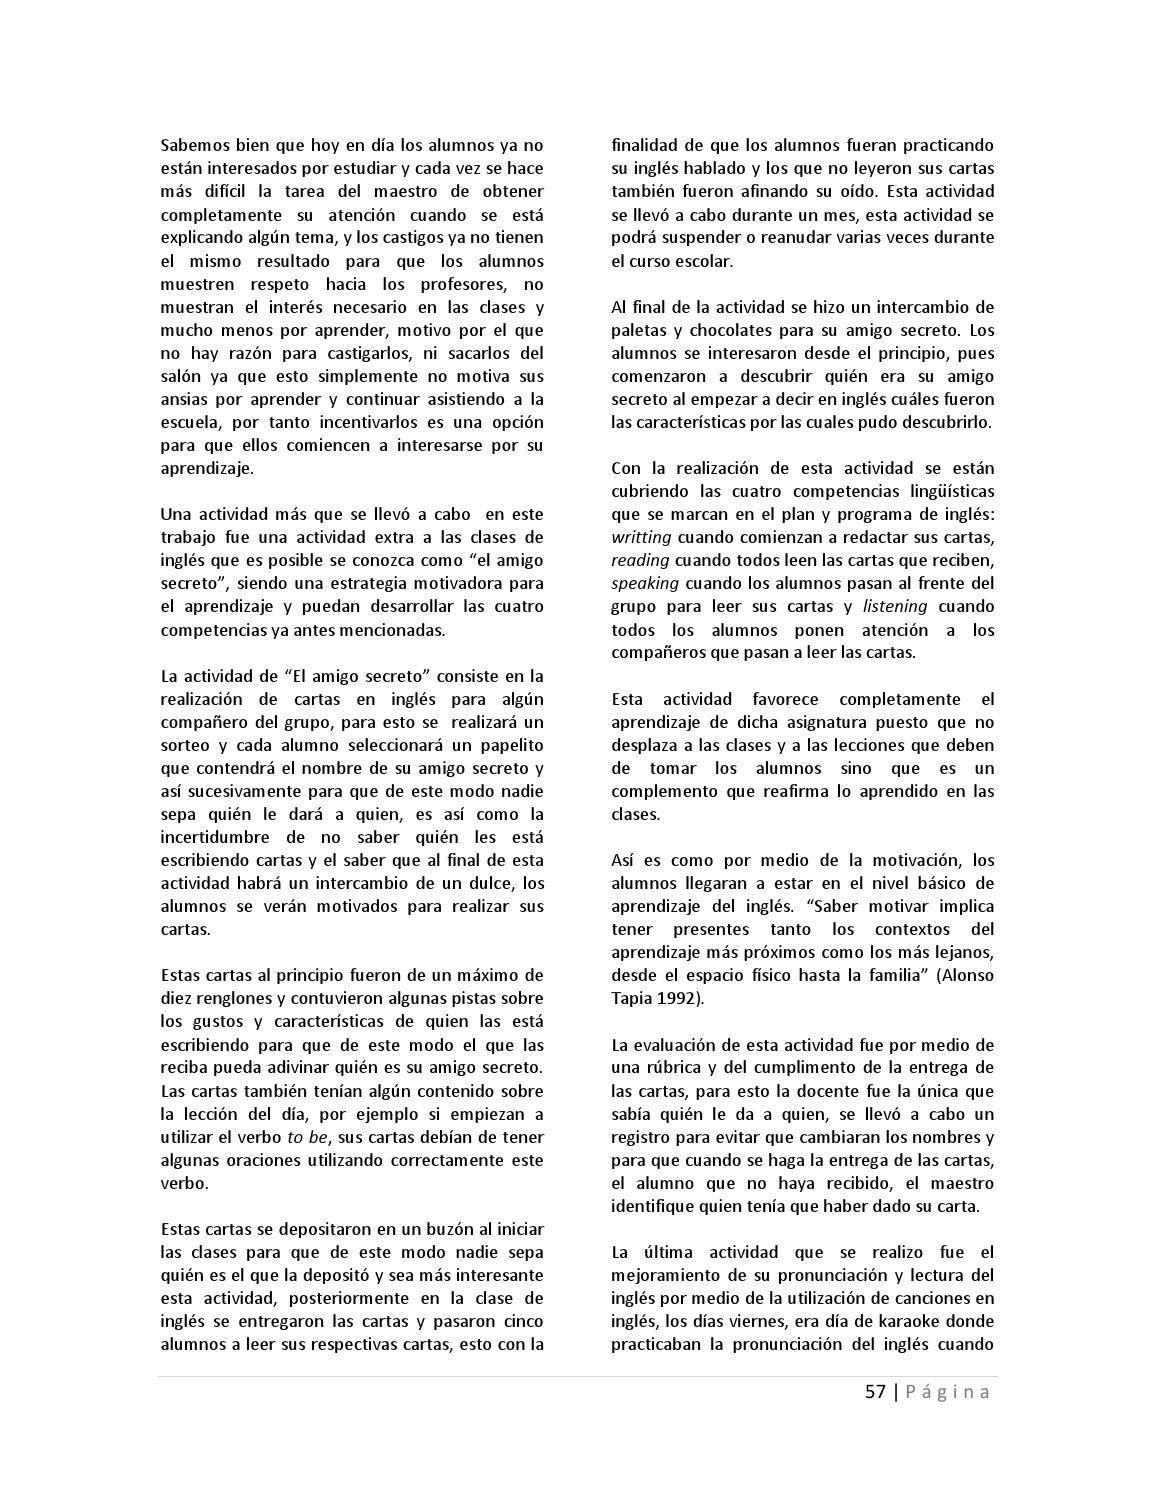 Revista CoPEI Año 01 No. 01 by Revista CoPEI mx - issuu